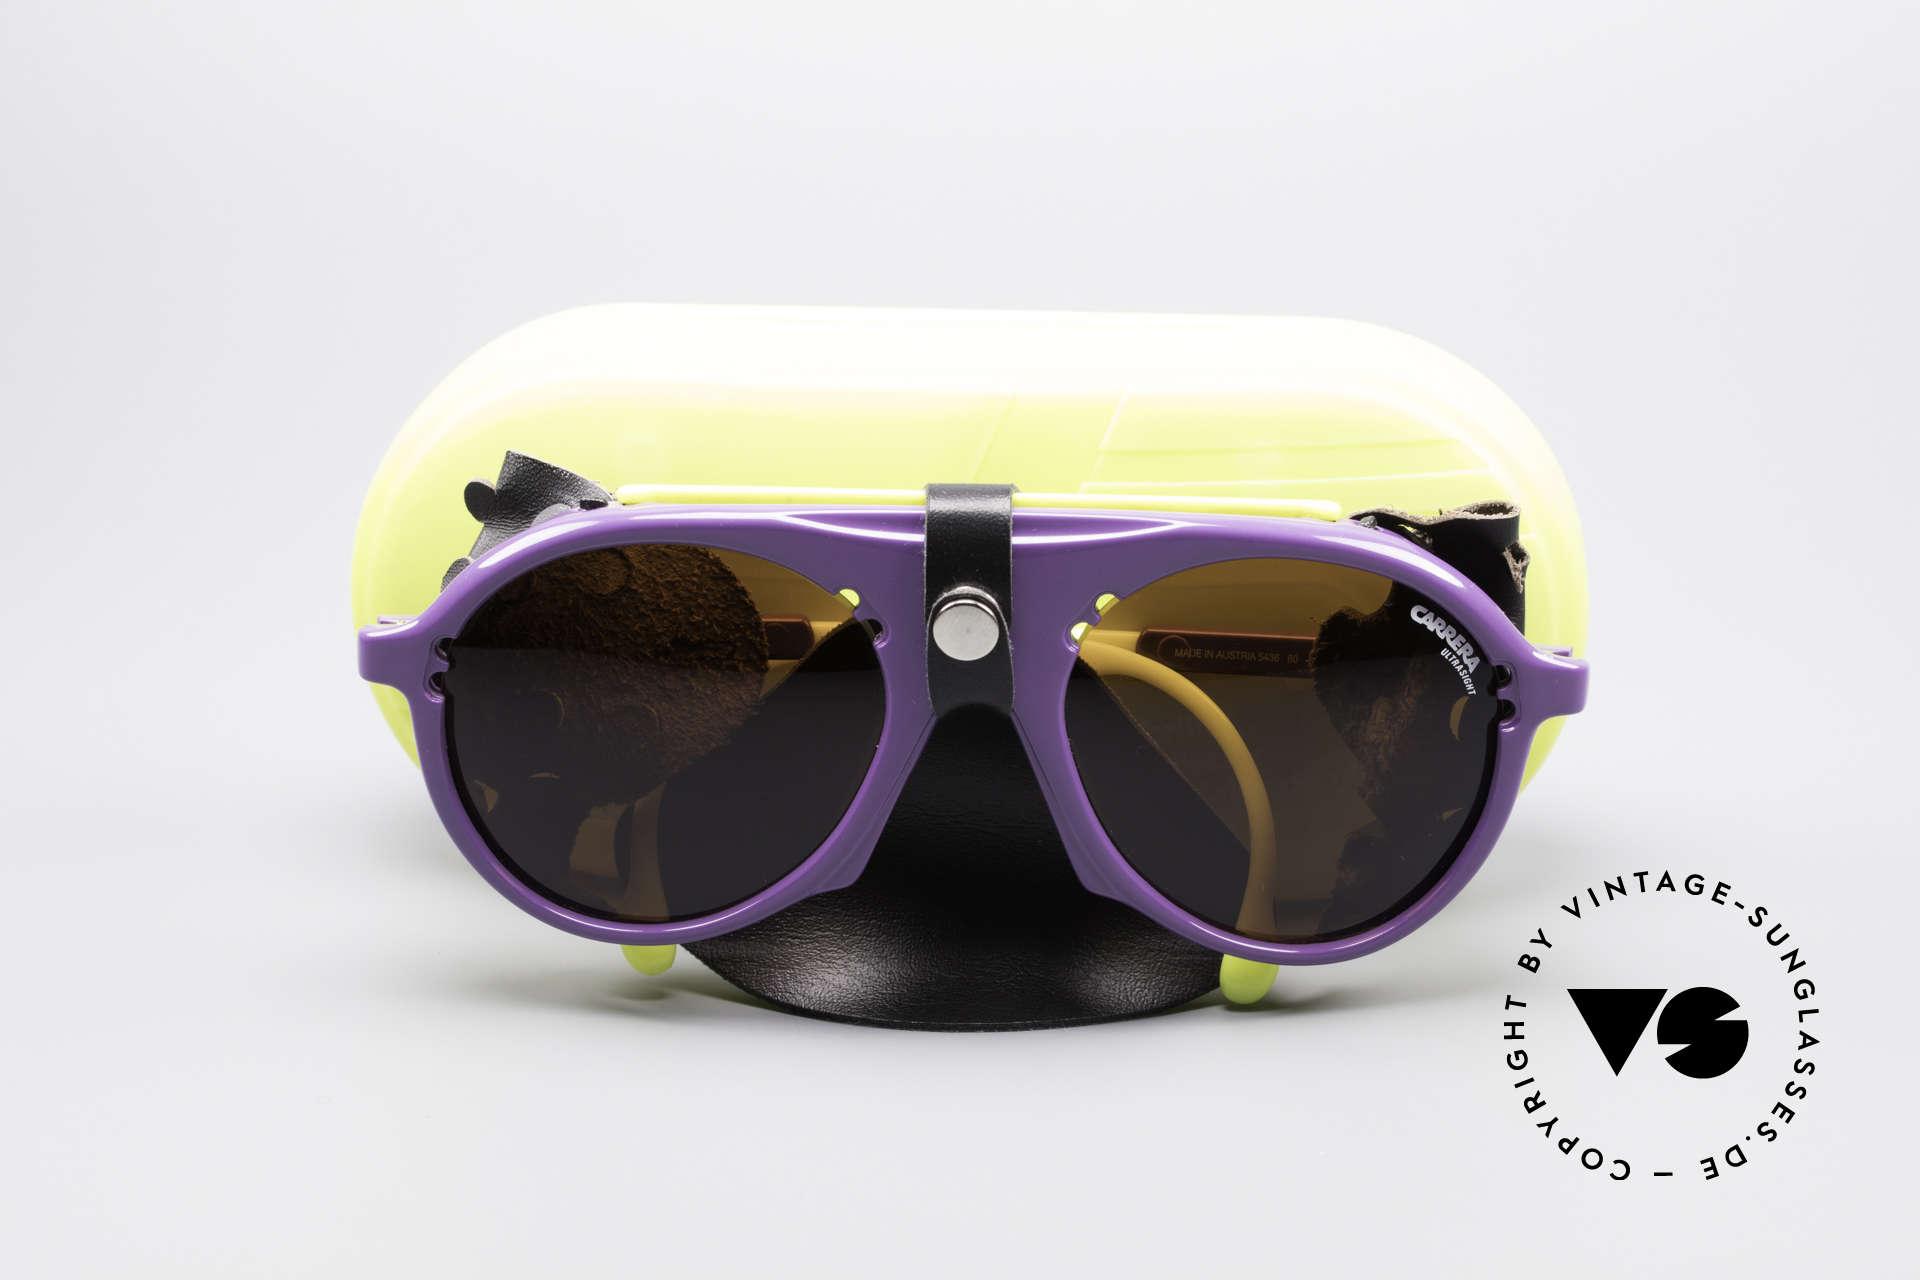 Carrera 5436 Water & Ice SkiBrille, KEINE Retrosonnenbrille; sondern ein 1980er Original!, Passend für Herren und Damen